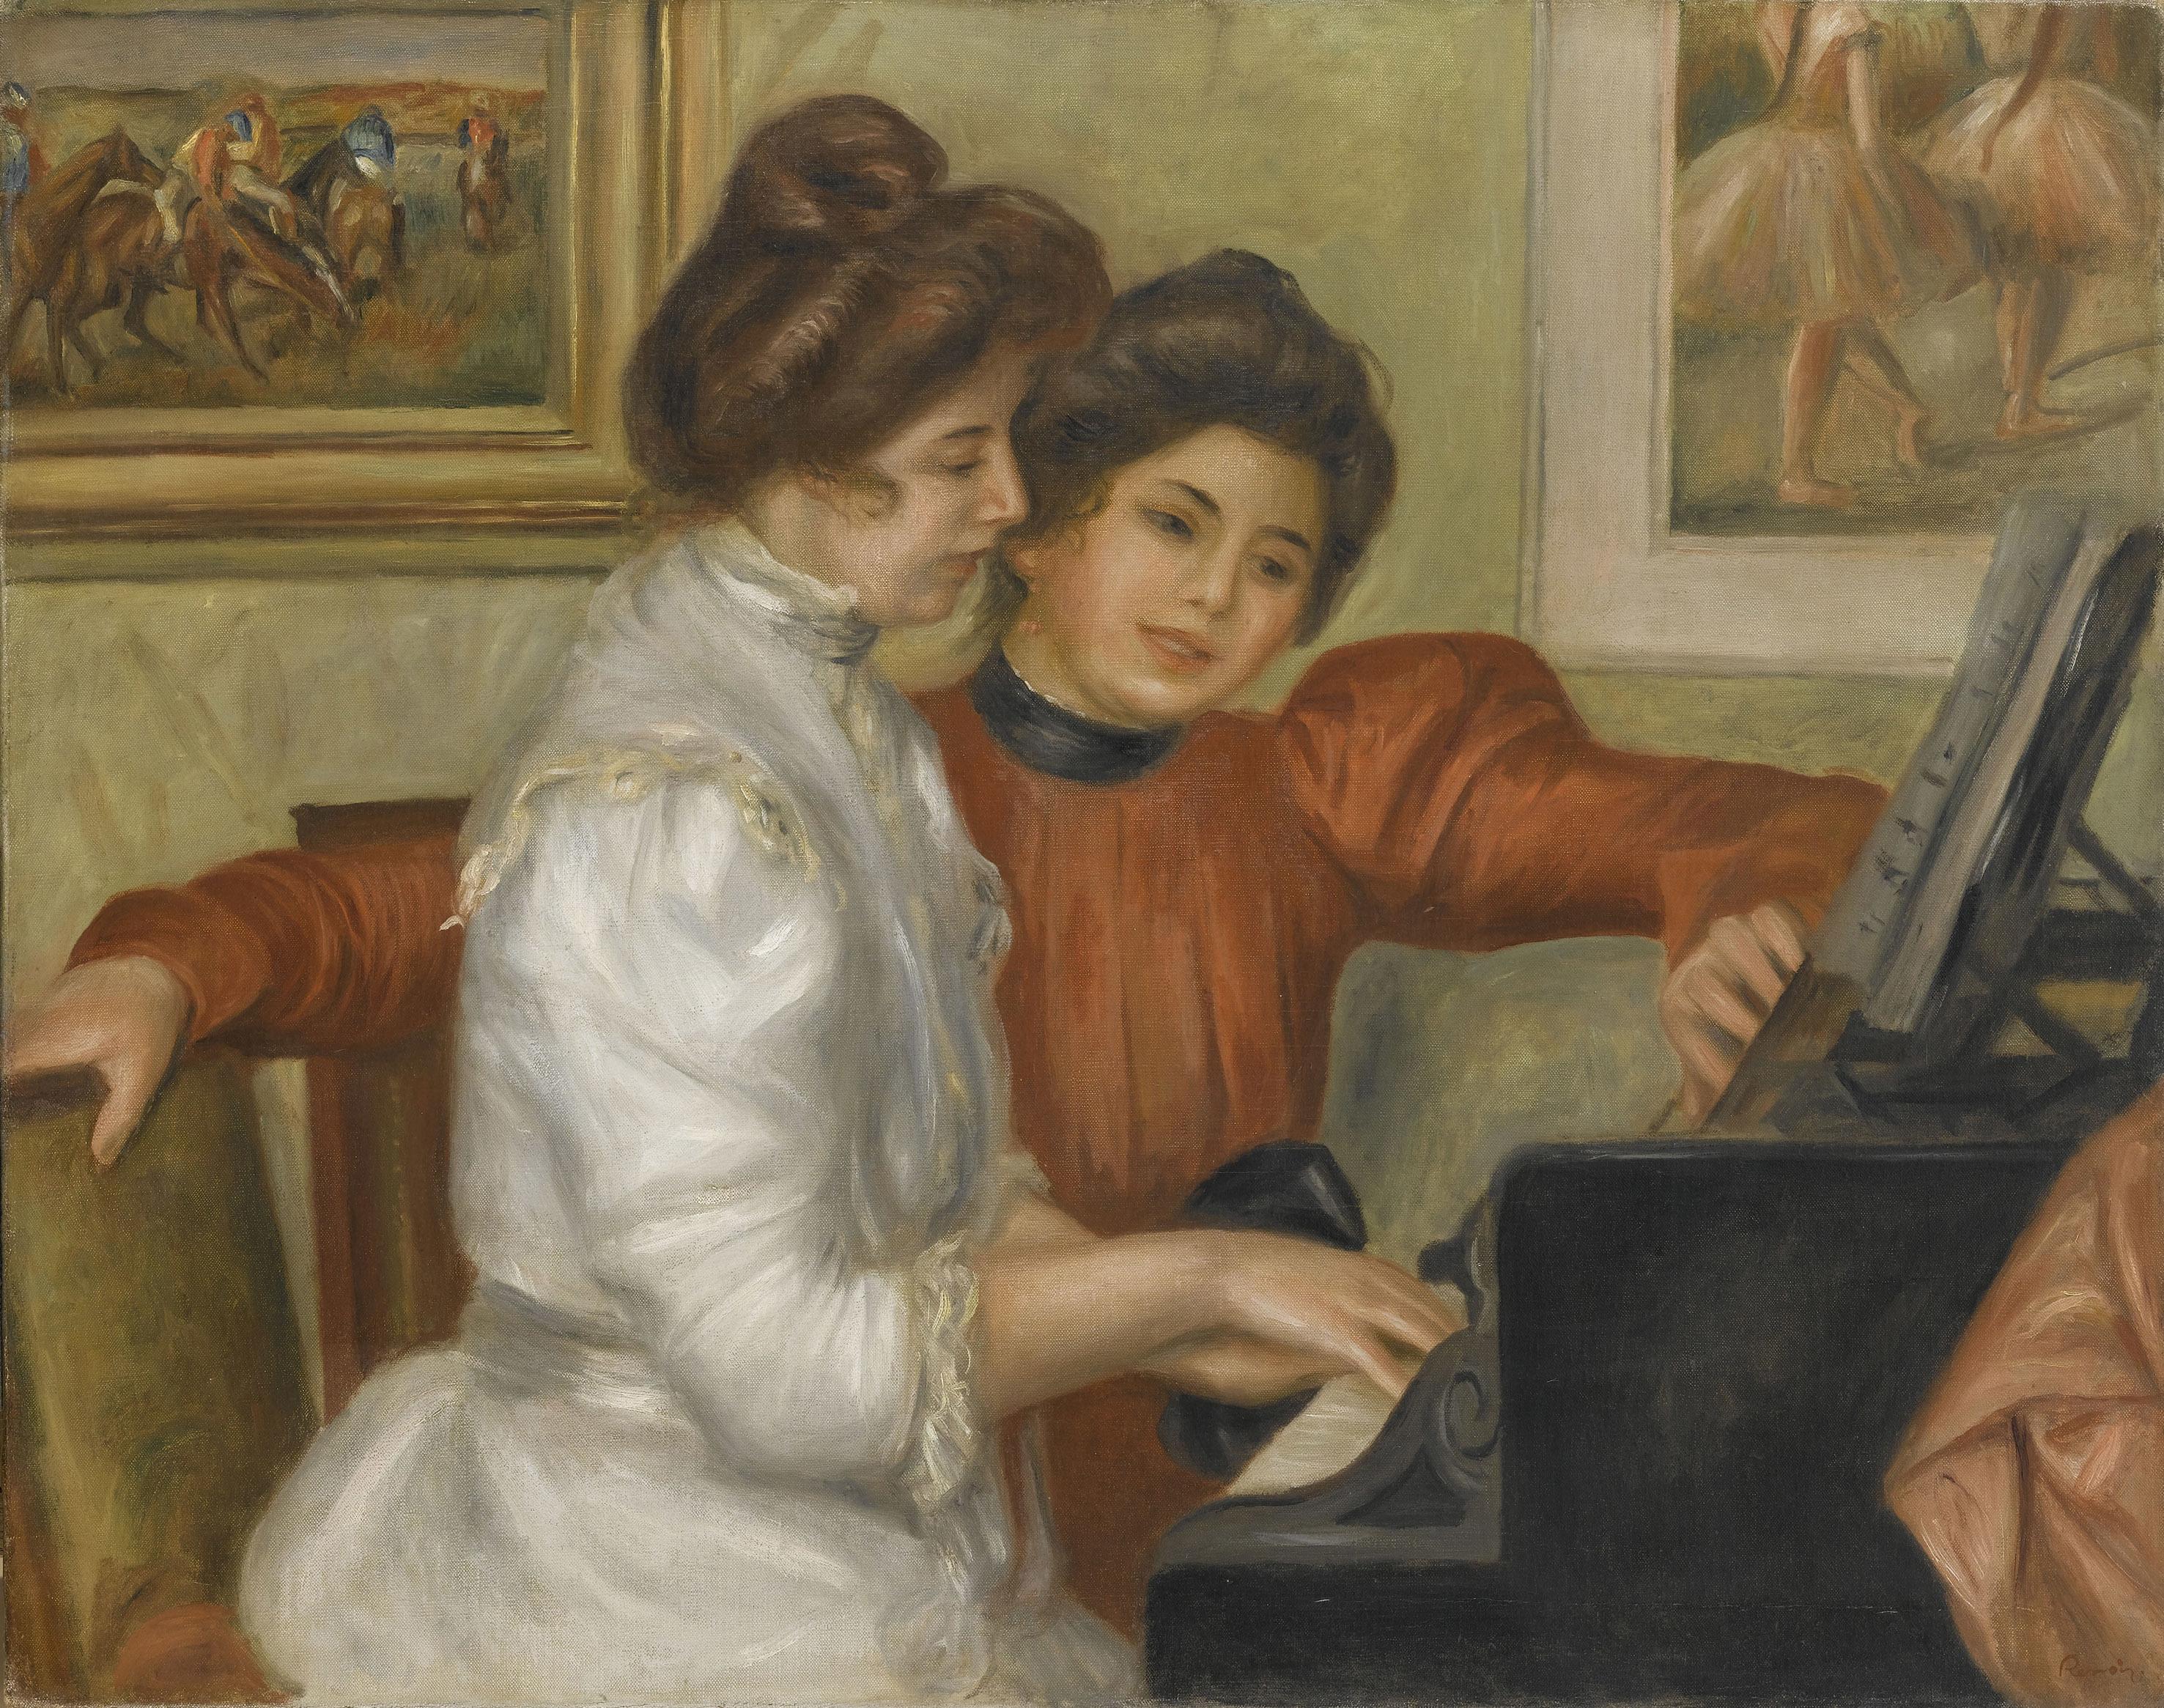 オーギュスト・ルノワール《ピアノを弾くイヴォンヌとクリスティーヌ・ルロル》1897年、油彩・カンヴァス、73×92cm、オランジュリー美術館 (C) RMN-Grand Palais (musée de l'Orangerie) / Franck Raux